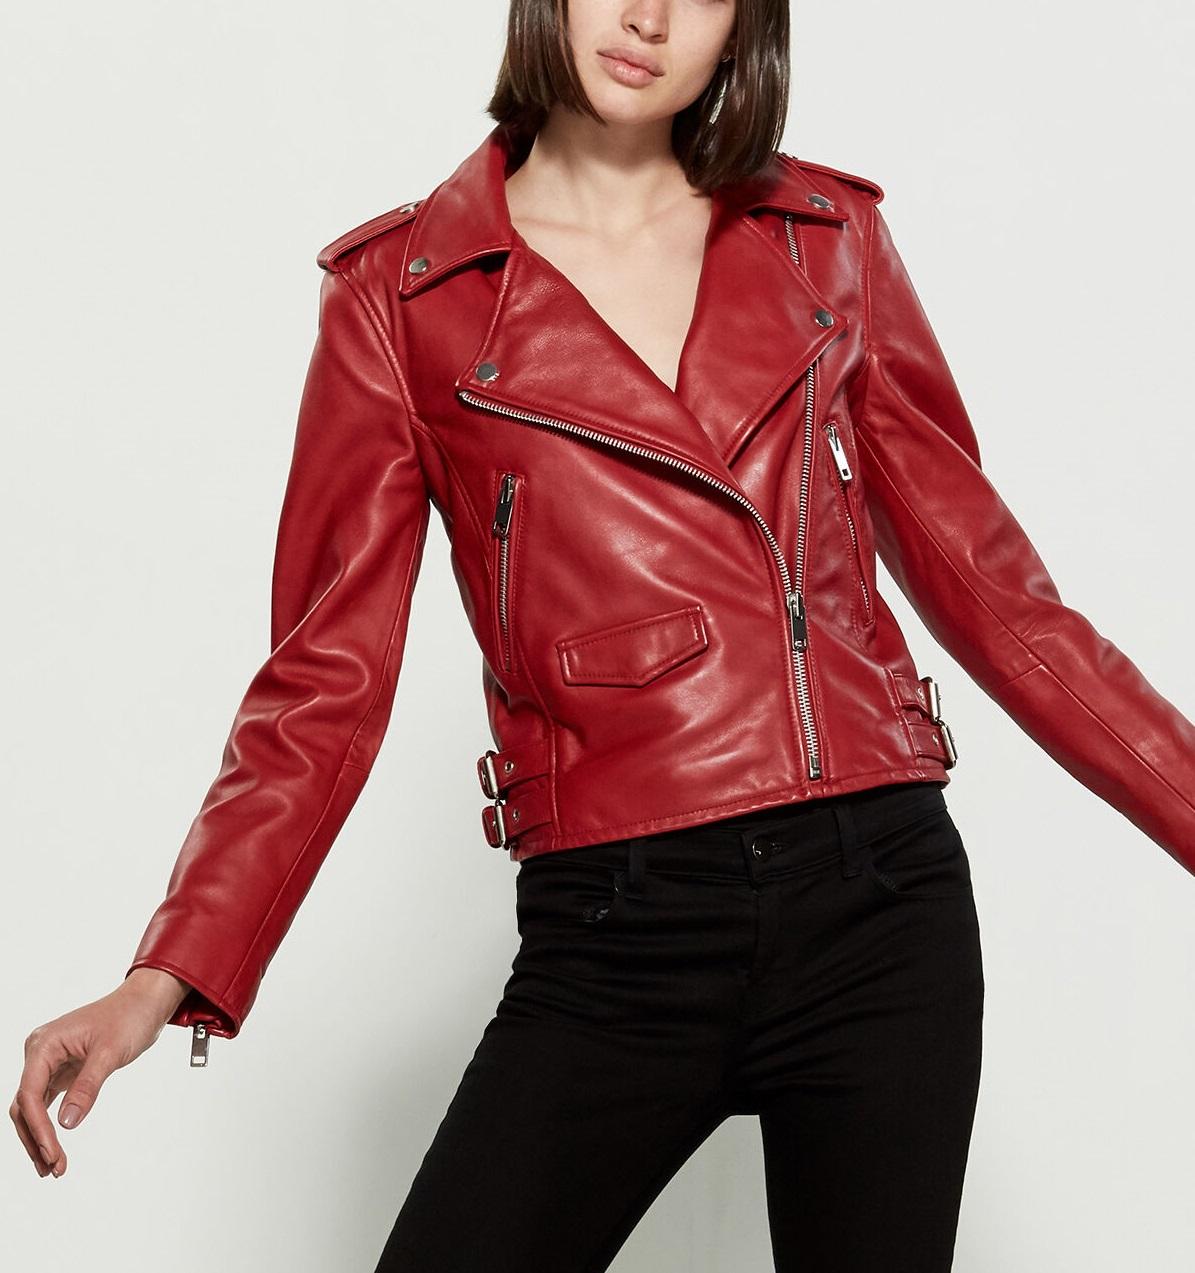 c5049ee0 Women's Dark Red Leather Moto Jacket